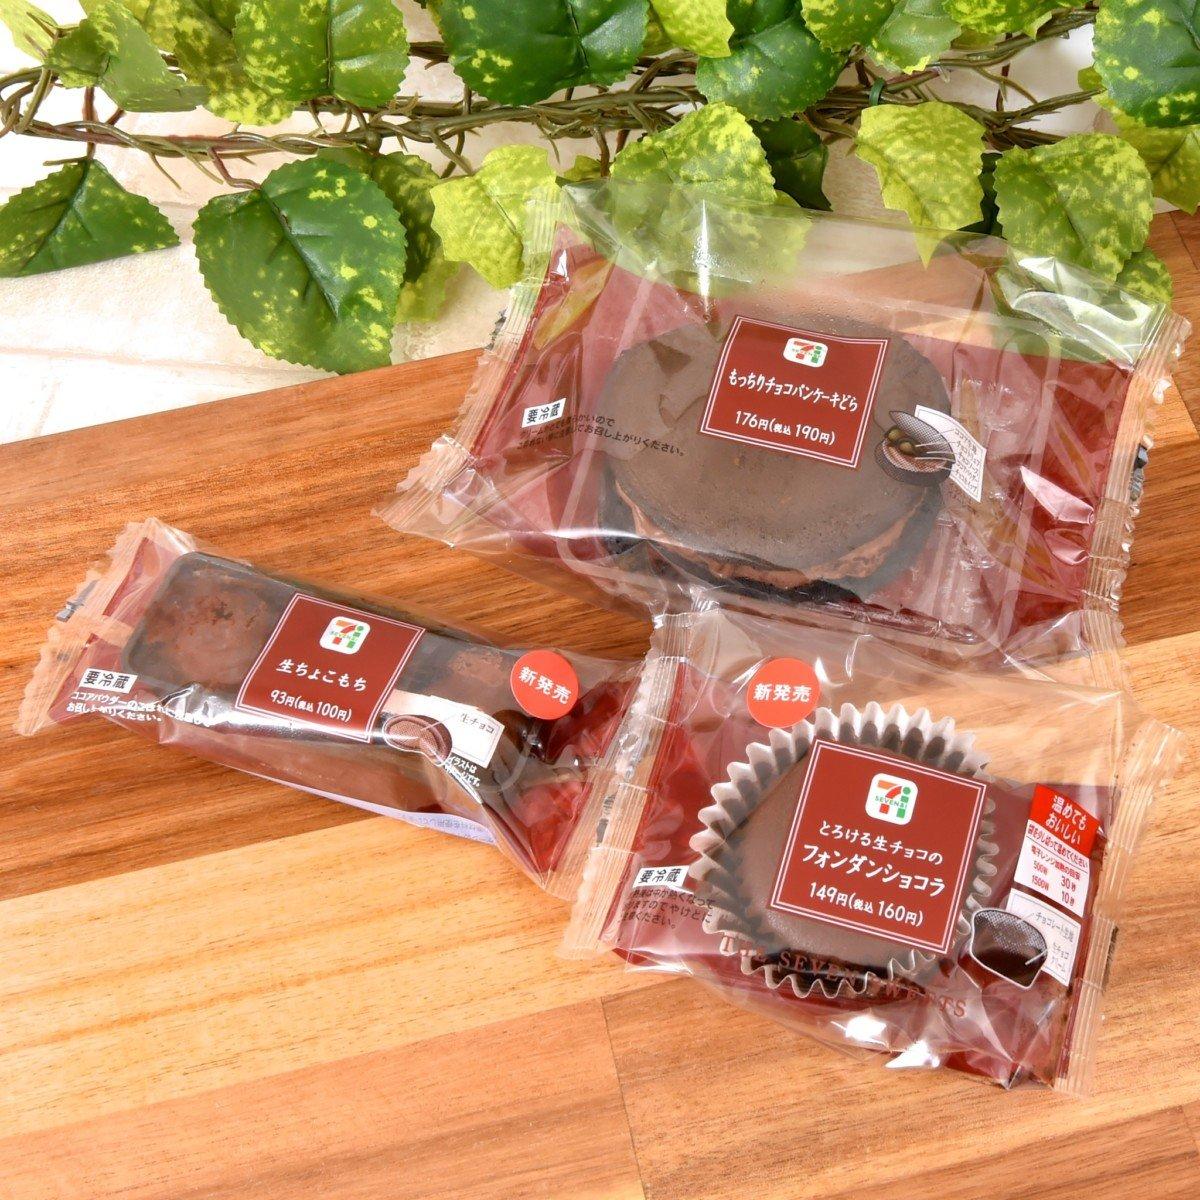 セブン-イレブン「とろける生チョコのフォンダンショコラ/生ちょこもち/もっちりチョコパンケーキどら」